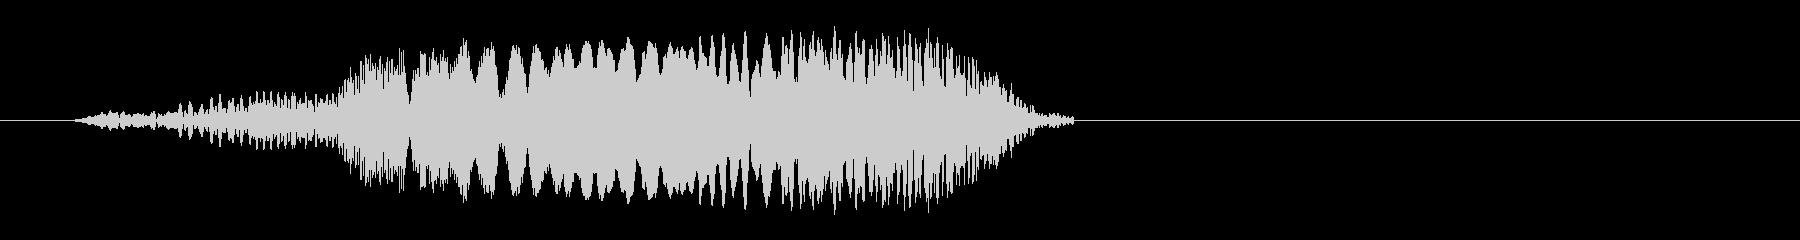 ピュイン、という短くて高い音の未再生の波形